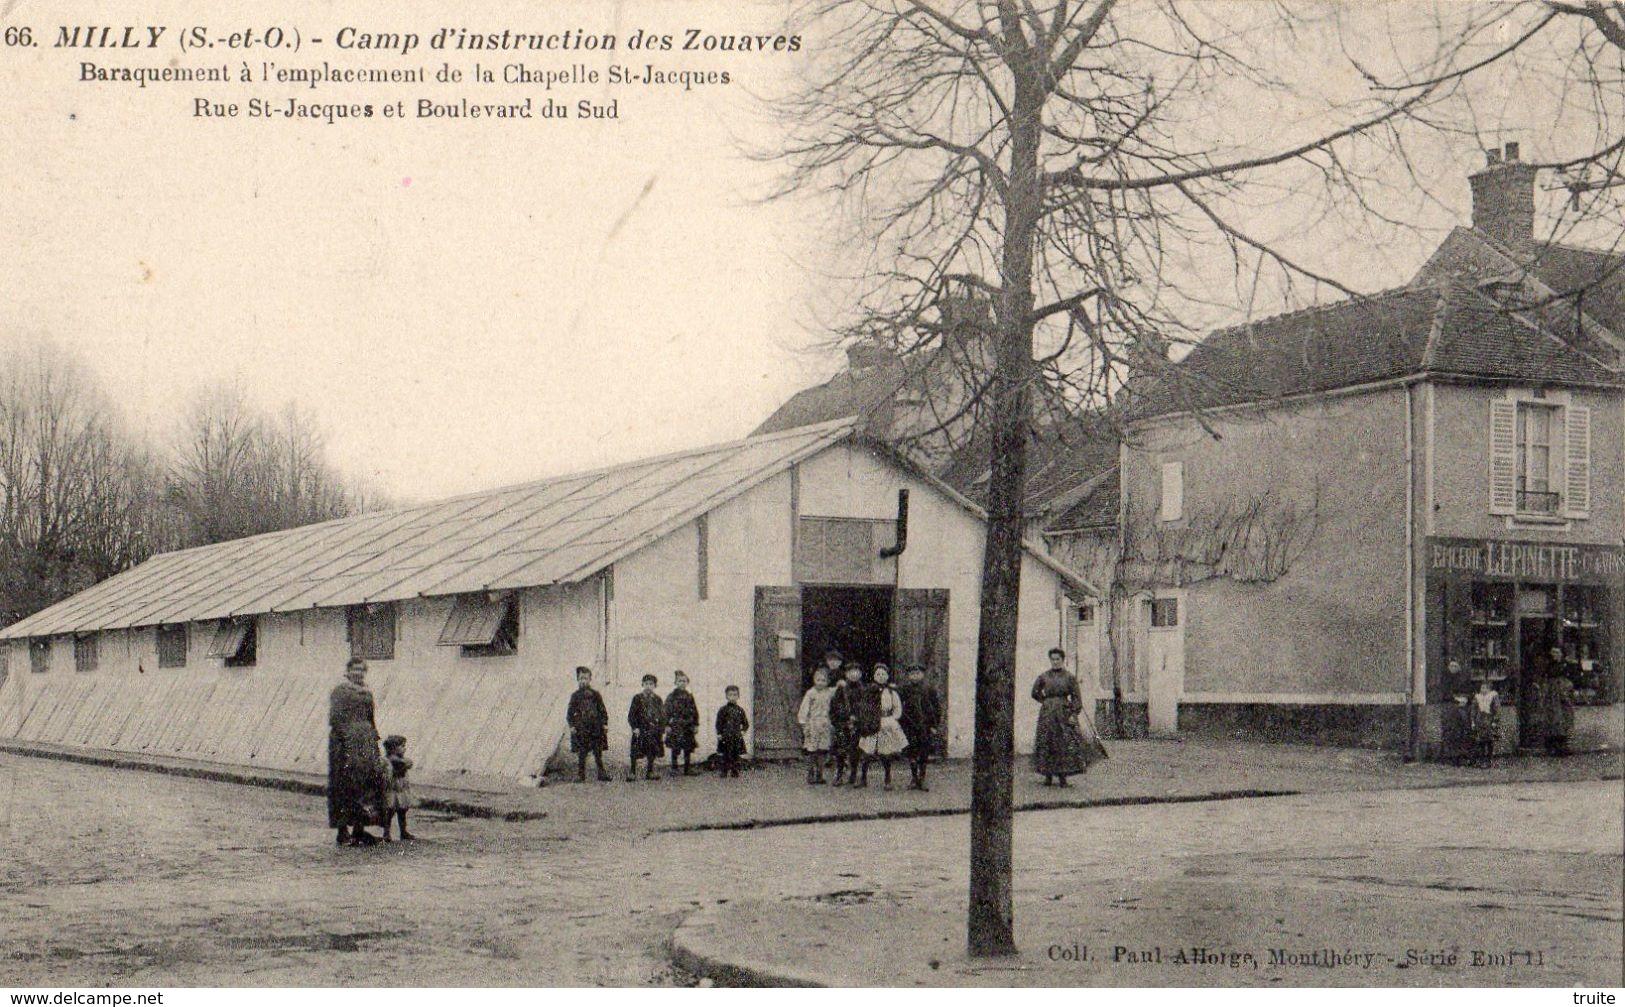 MILLY-LA-FORET CAMP D'INSTRUCTION DES ZOUAVES  BARAQUEMENT A L'EMPLACEMENT DE LA CHAPELLE SAINT-JACQUES RUE SAINT-JACQUE - Milly La Foret